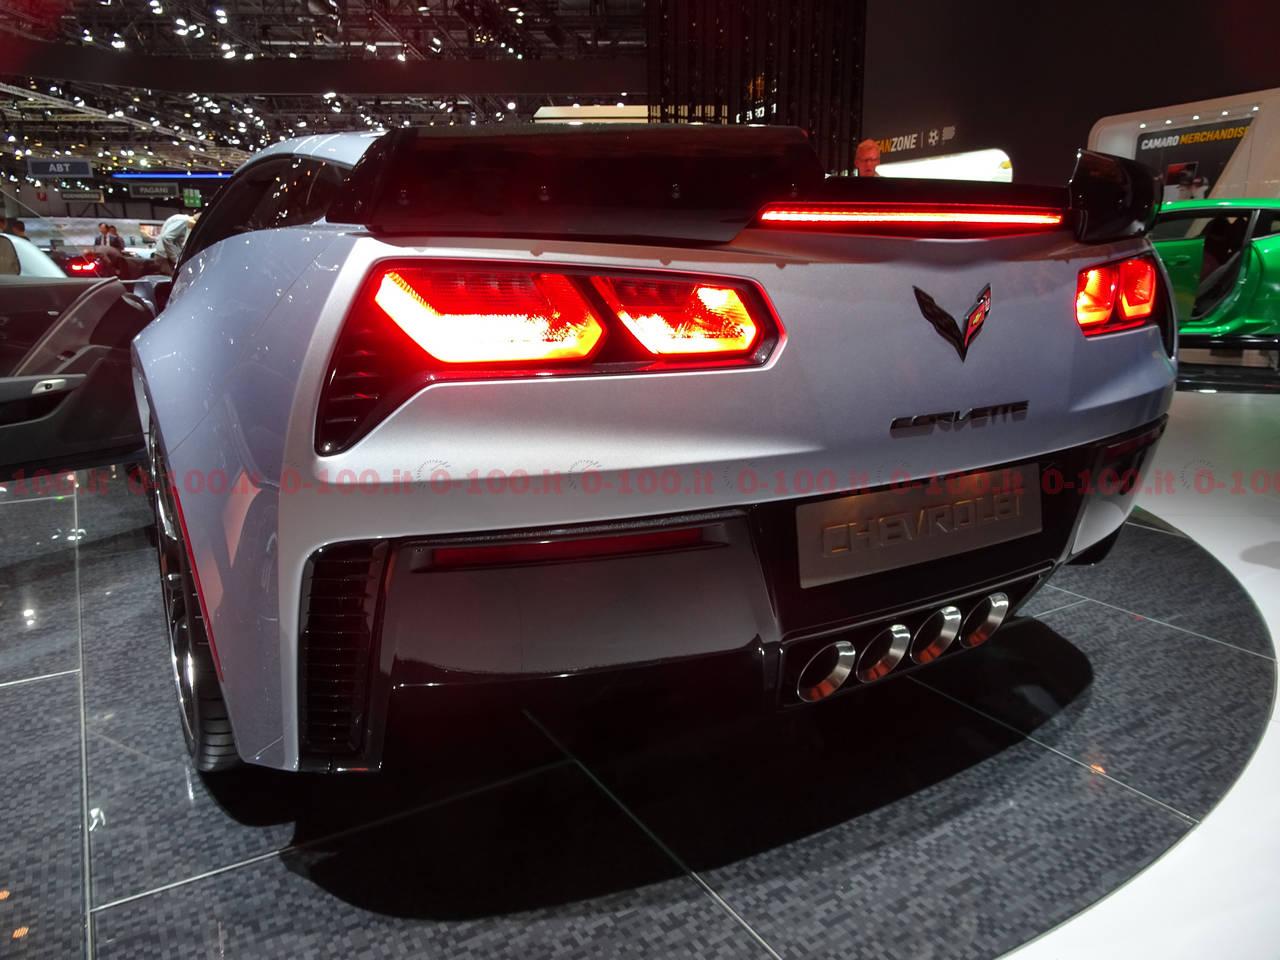 Ginevra-geneva-geneve-2017-Chevrolet-corvette-z06-0-100_11